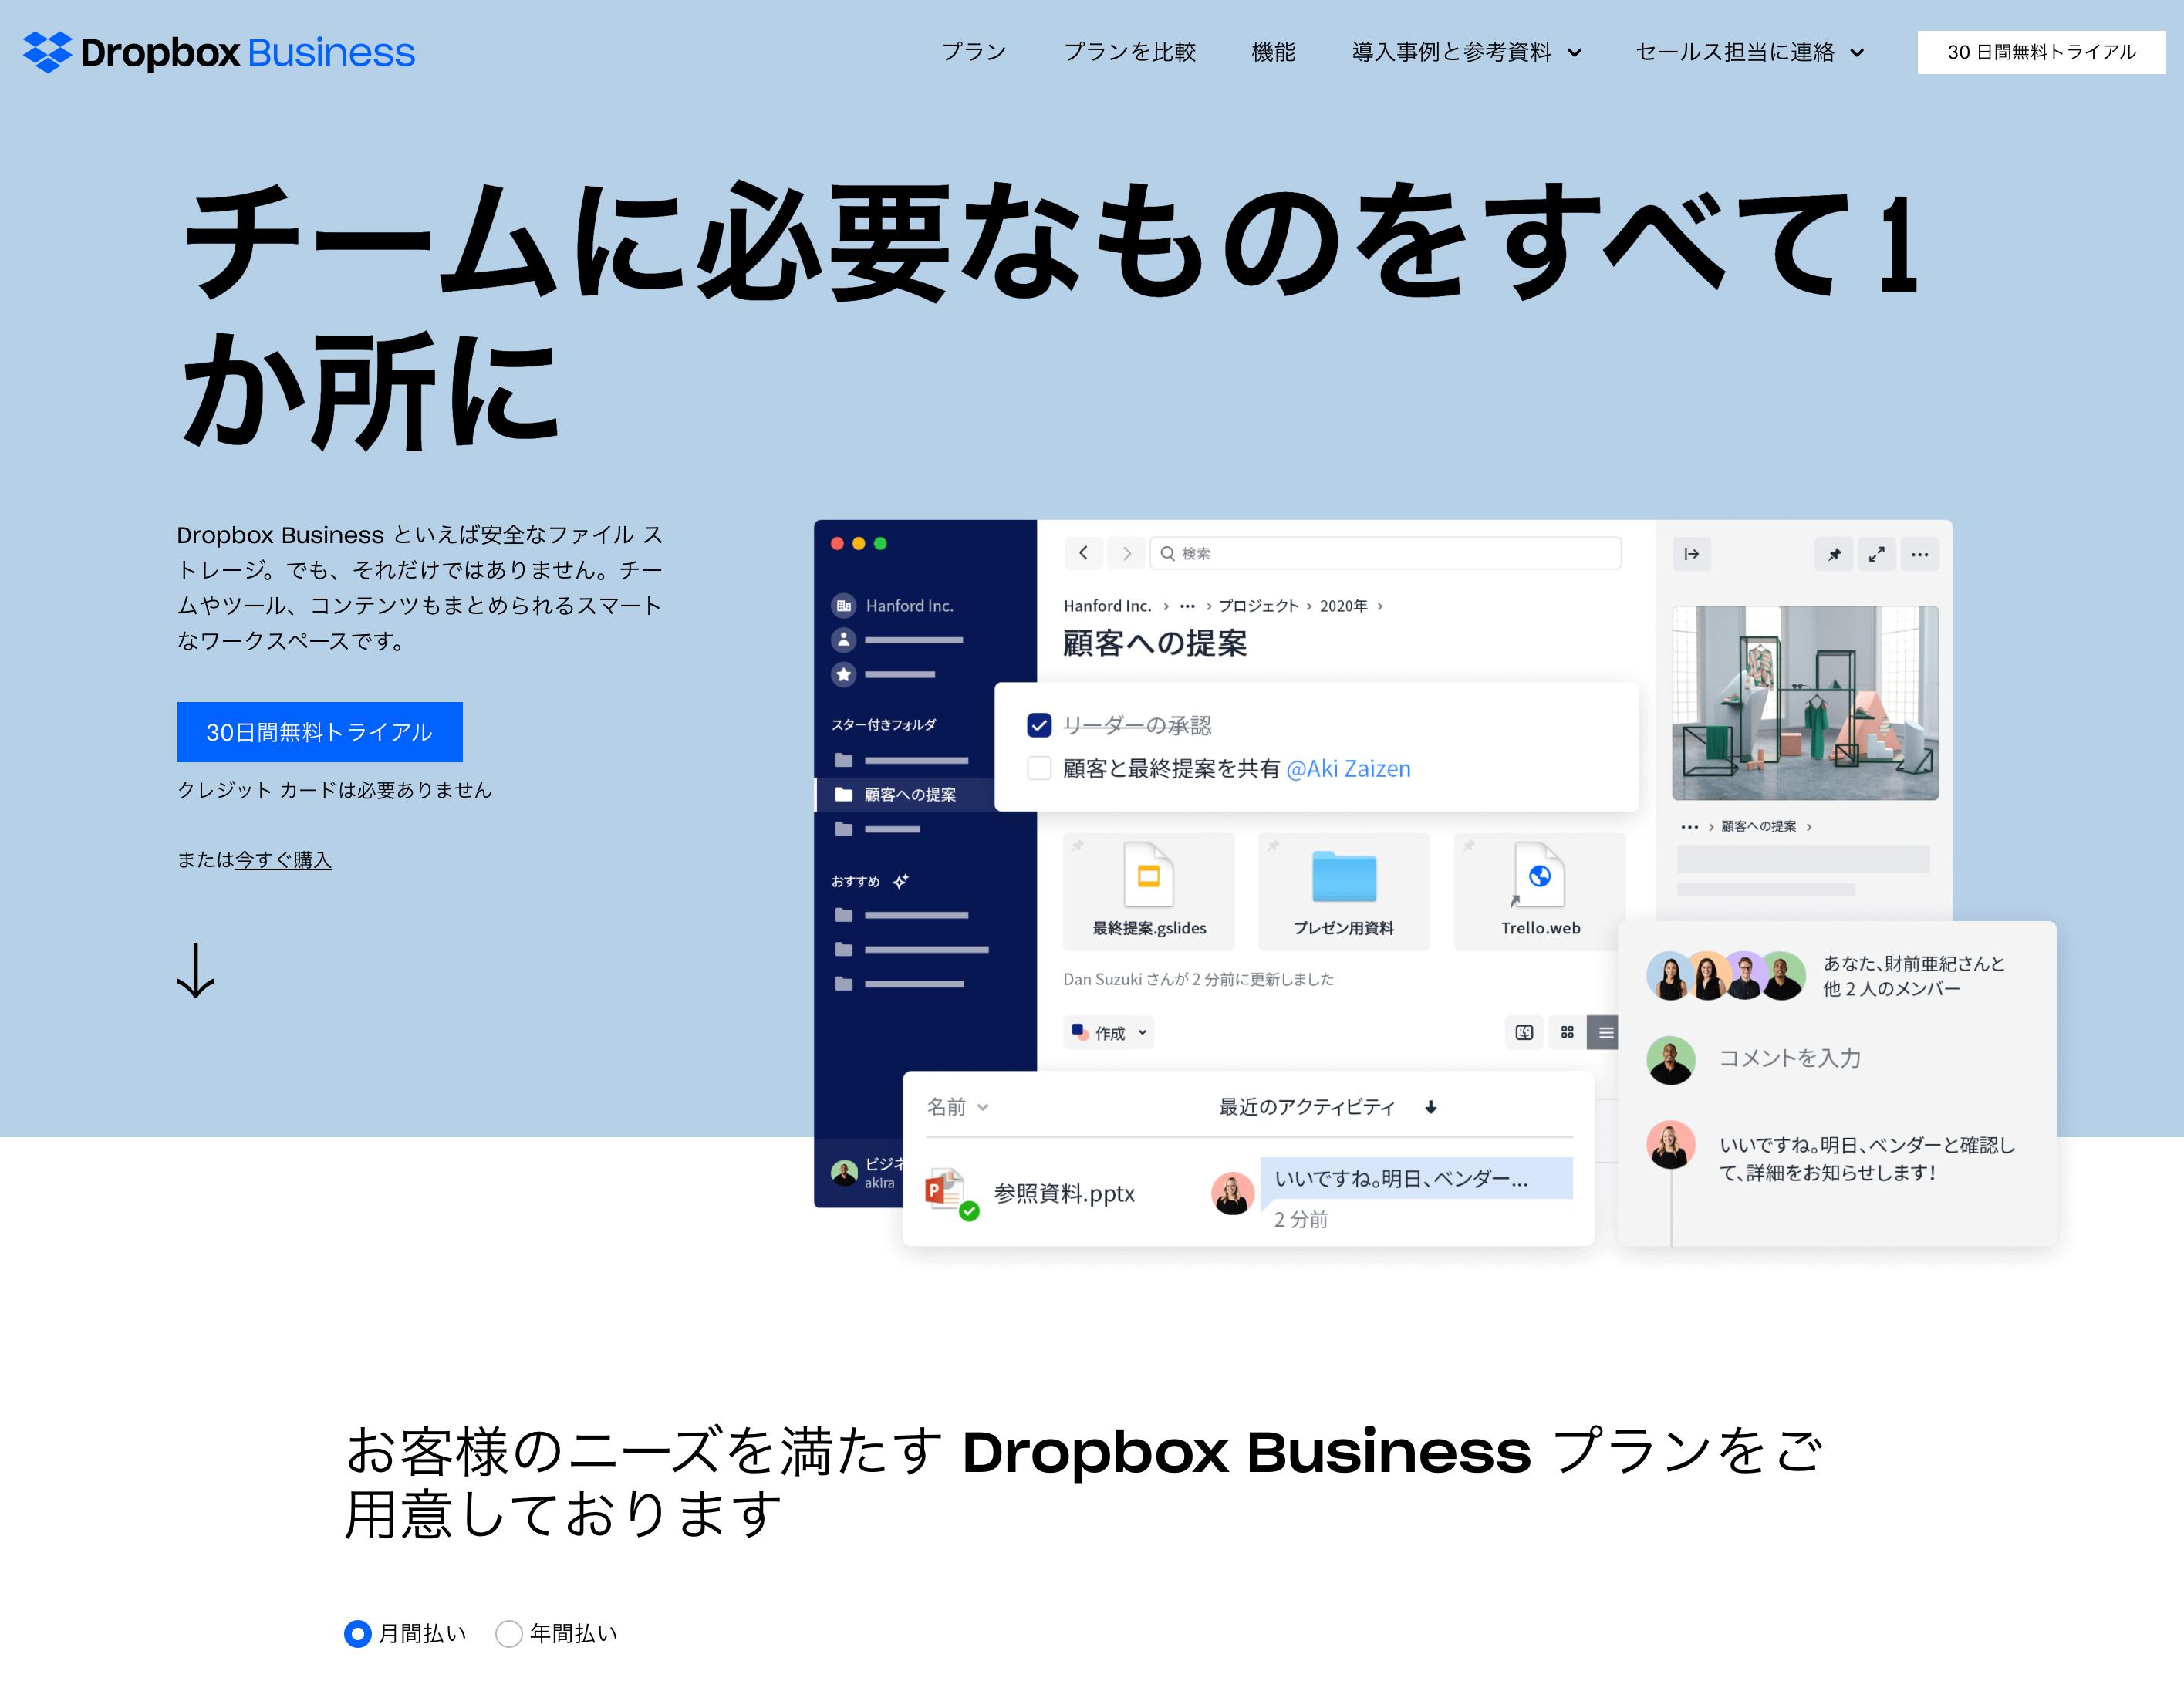 Dropbox Businessの公式ページ